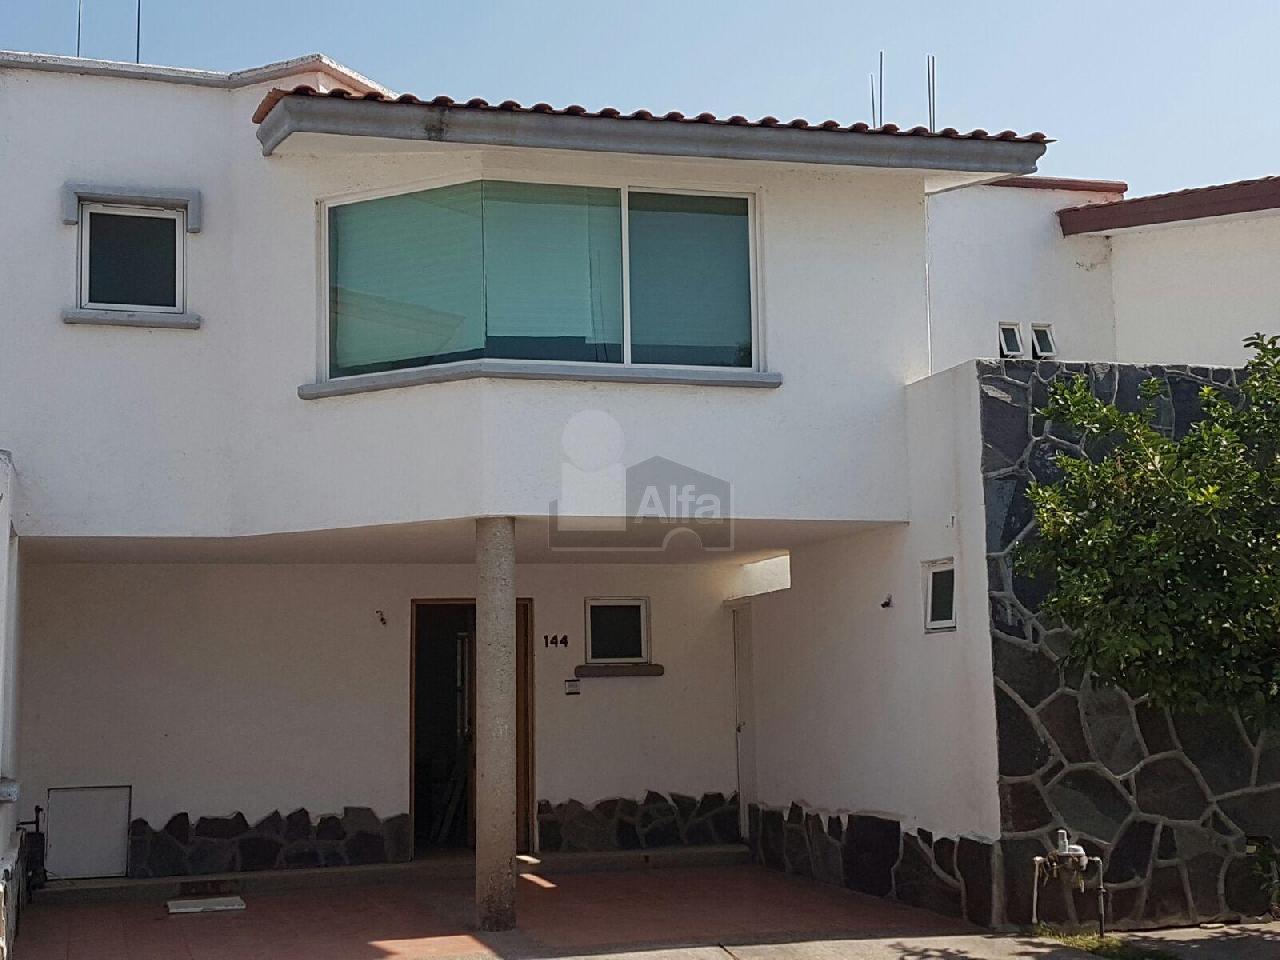 Casas en renta en leon guanajuato 125 registros casas for Casas en renta leon gto